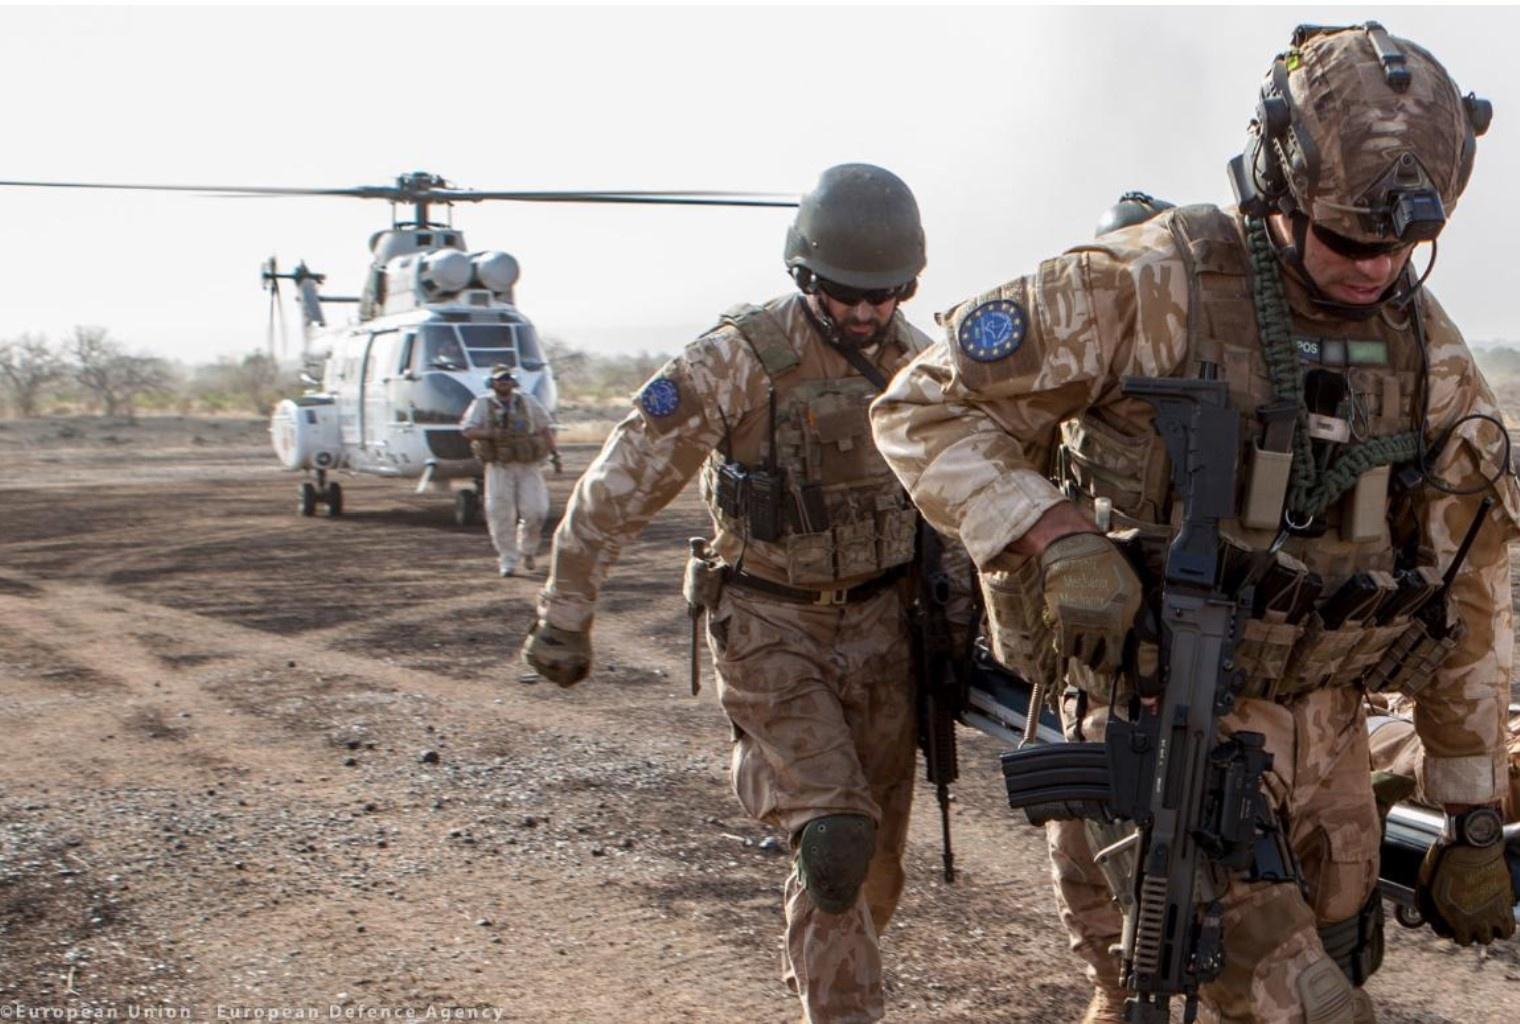 Europese militaire eenheid geeft Hunter Safes opdracht tot leveren maatwerk wapenkluizen